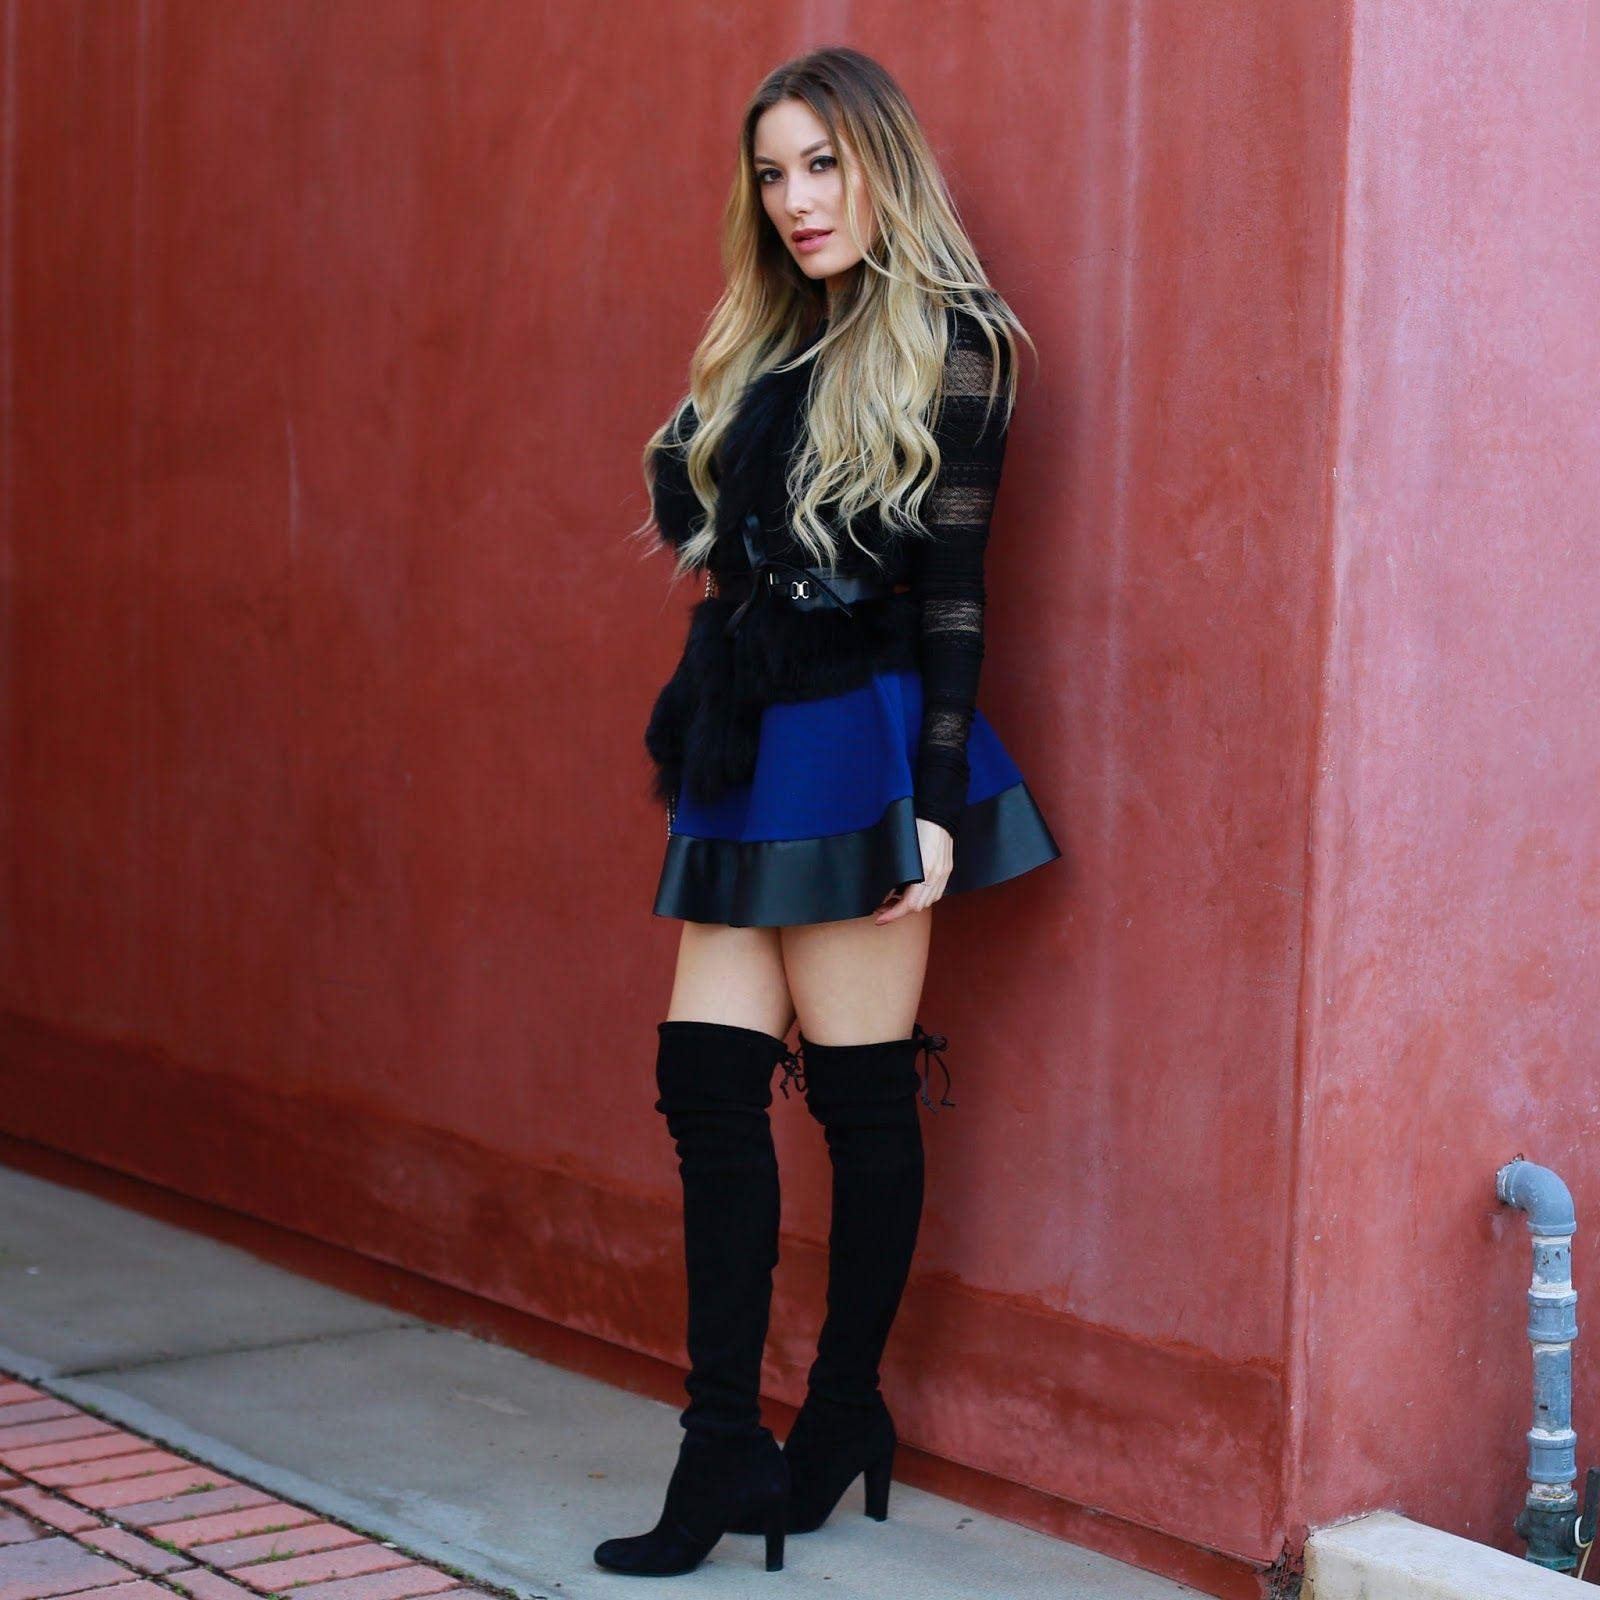 Wwwstreetstylecityblogspotcom Fashion Inspired By The -1158